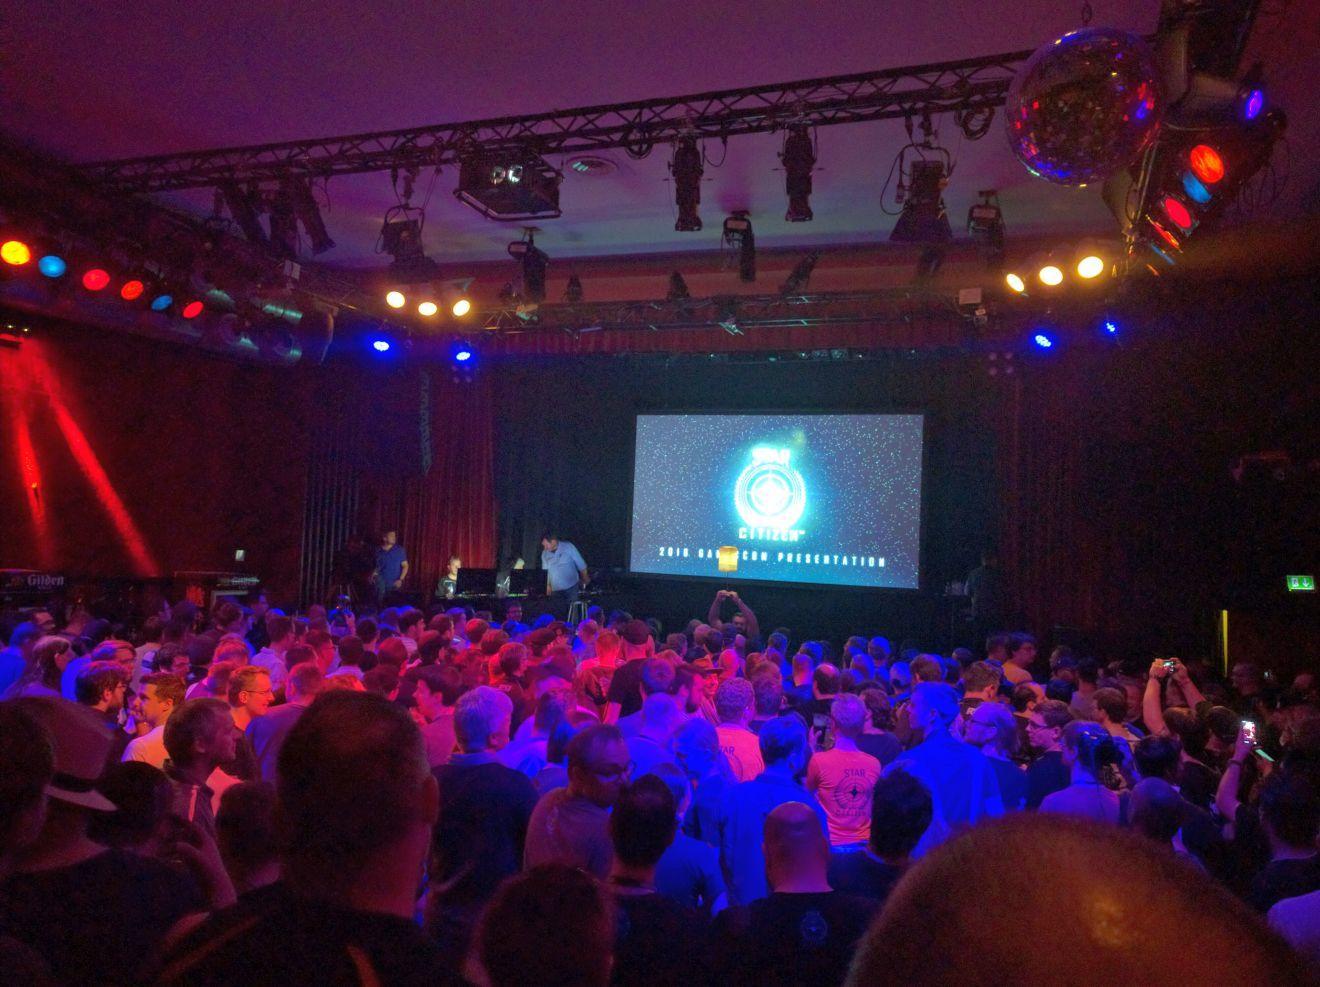 Gamescom 2016 - Przed rozpoczęciem prezentacji SC w środku Gloria Theater